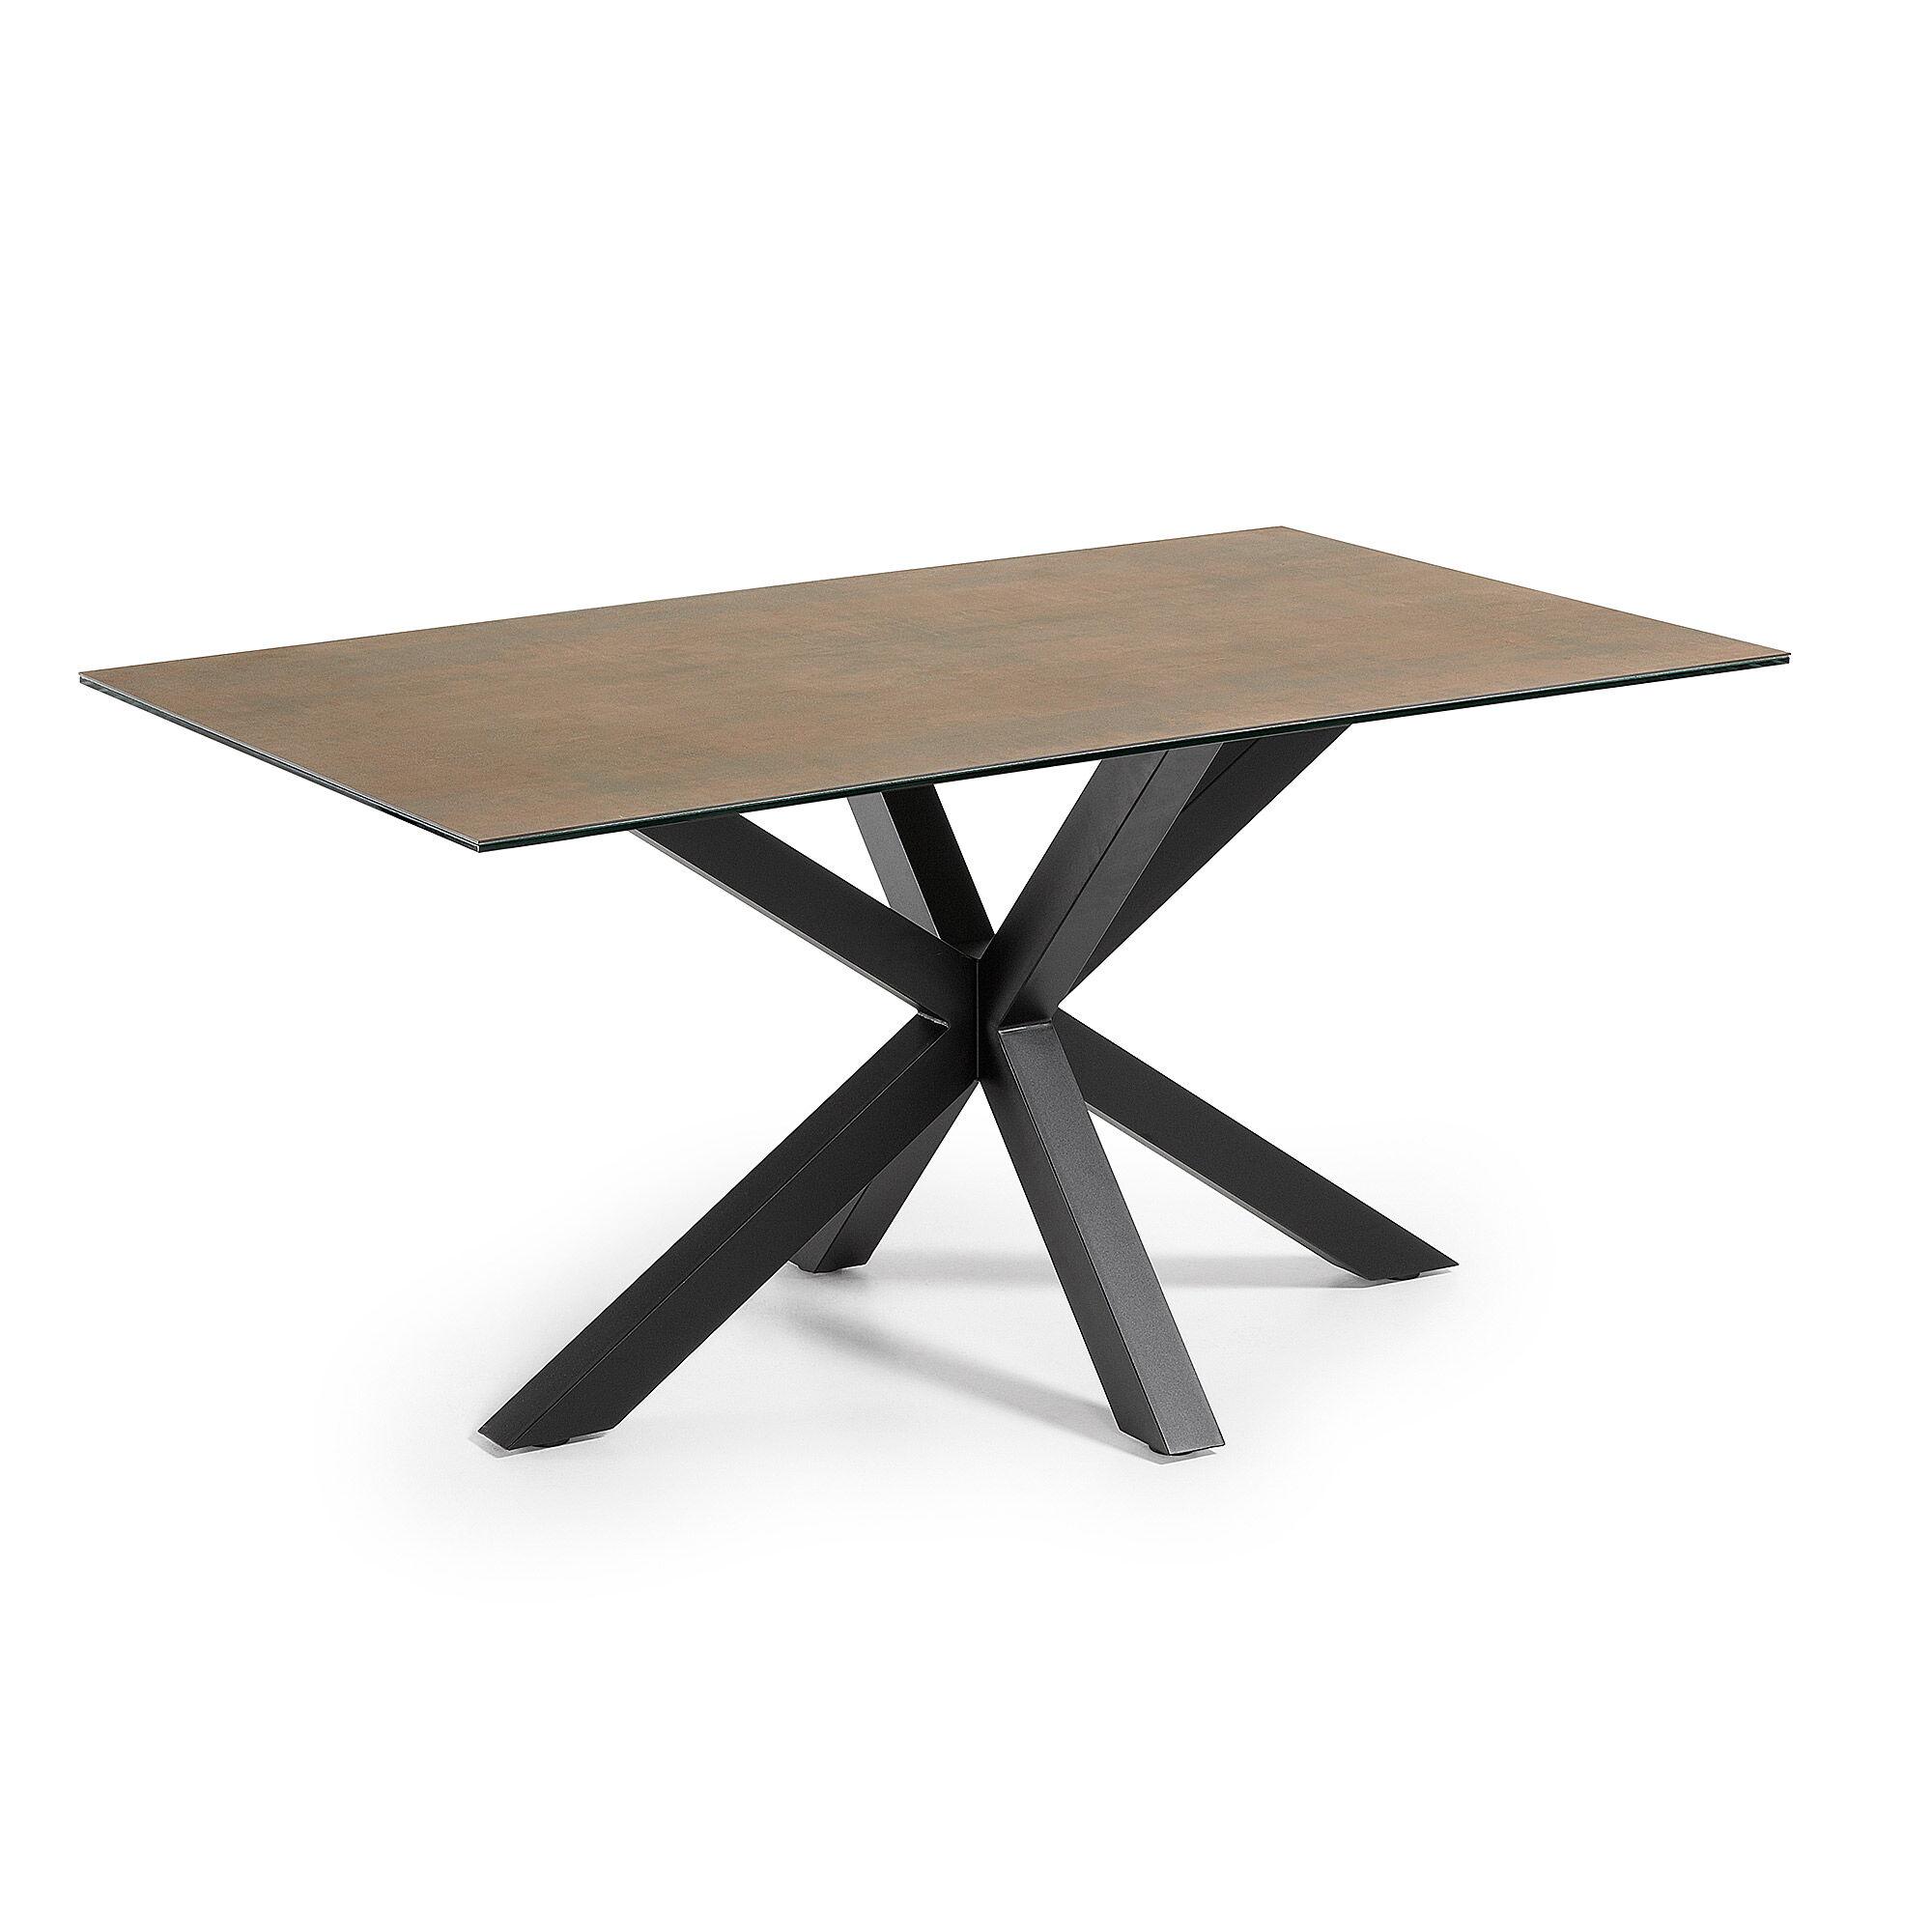 Kave Home Tavolo Argo 160 cm porcellanato finitura Iron Corten gambe nero